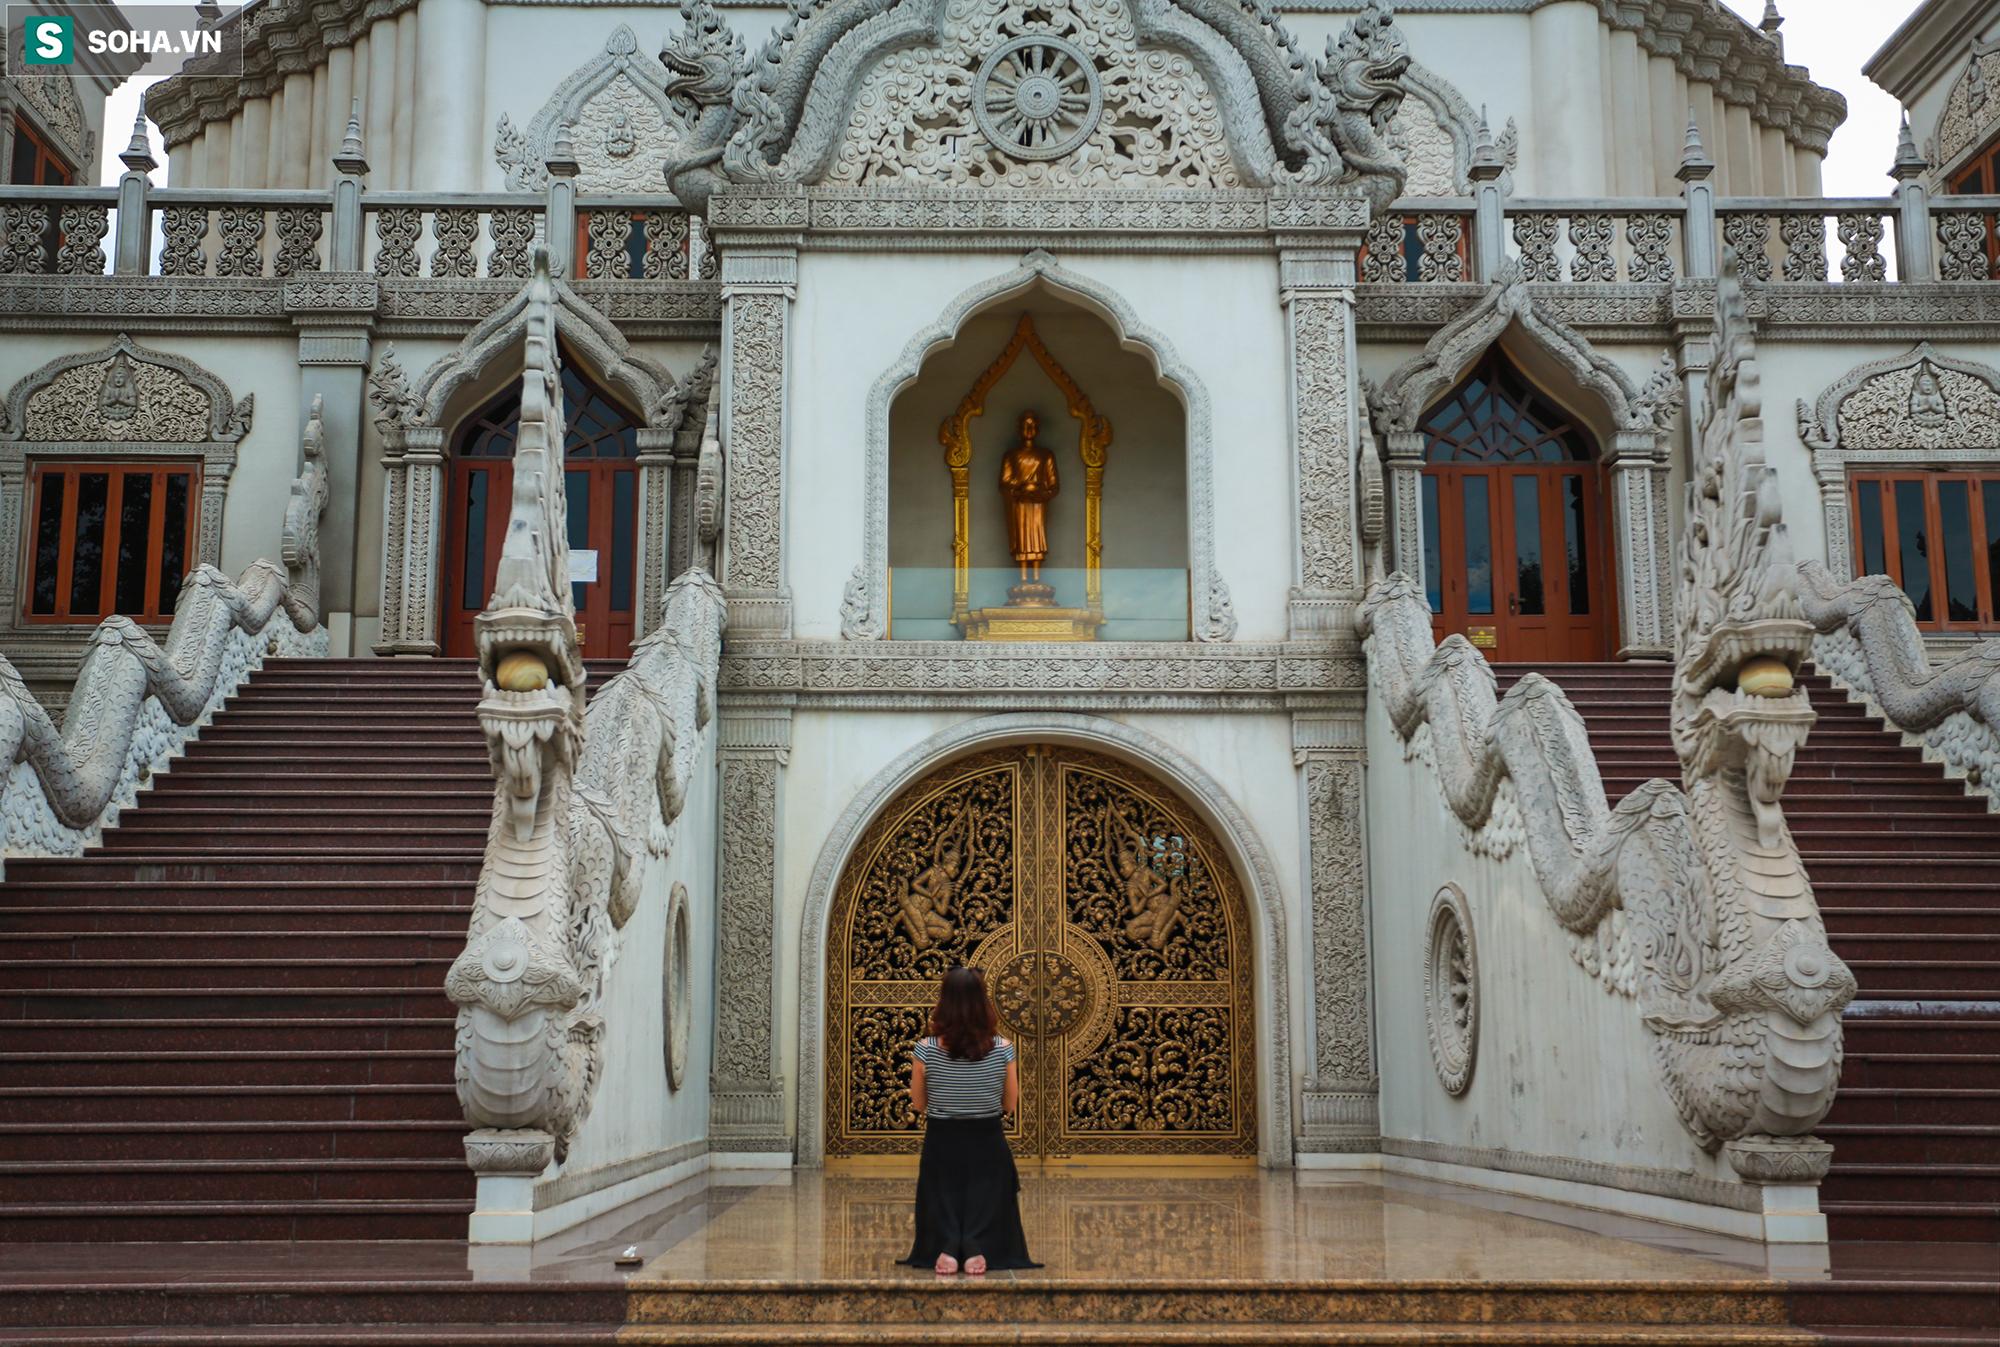 [Ảnh] Ngắm vẻ đẹp huyền bí của ngôi chùa lọt top đẹp nhất thế giới tọa lạc tại TP.Thủ Đức - Ảnh 15.